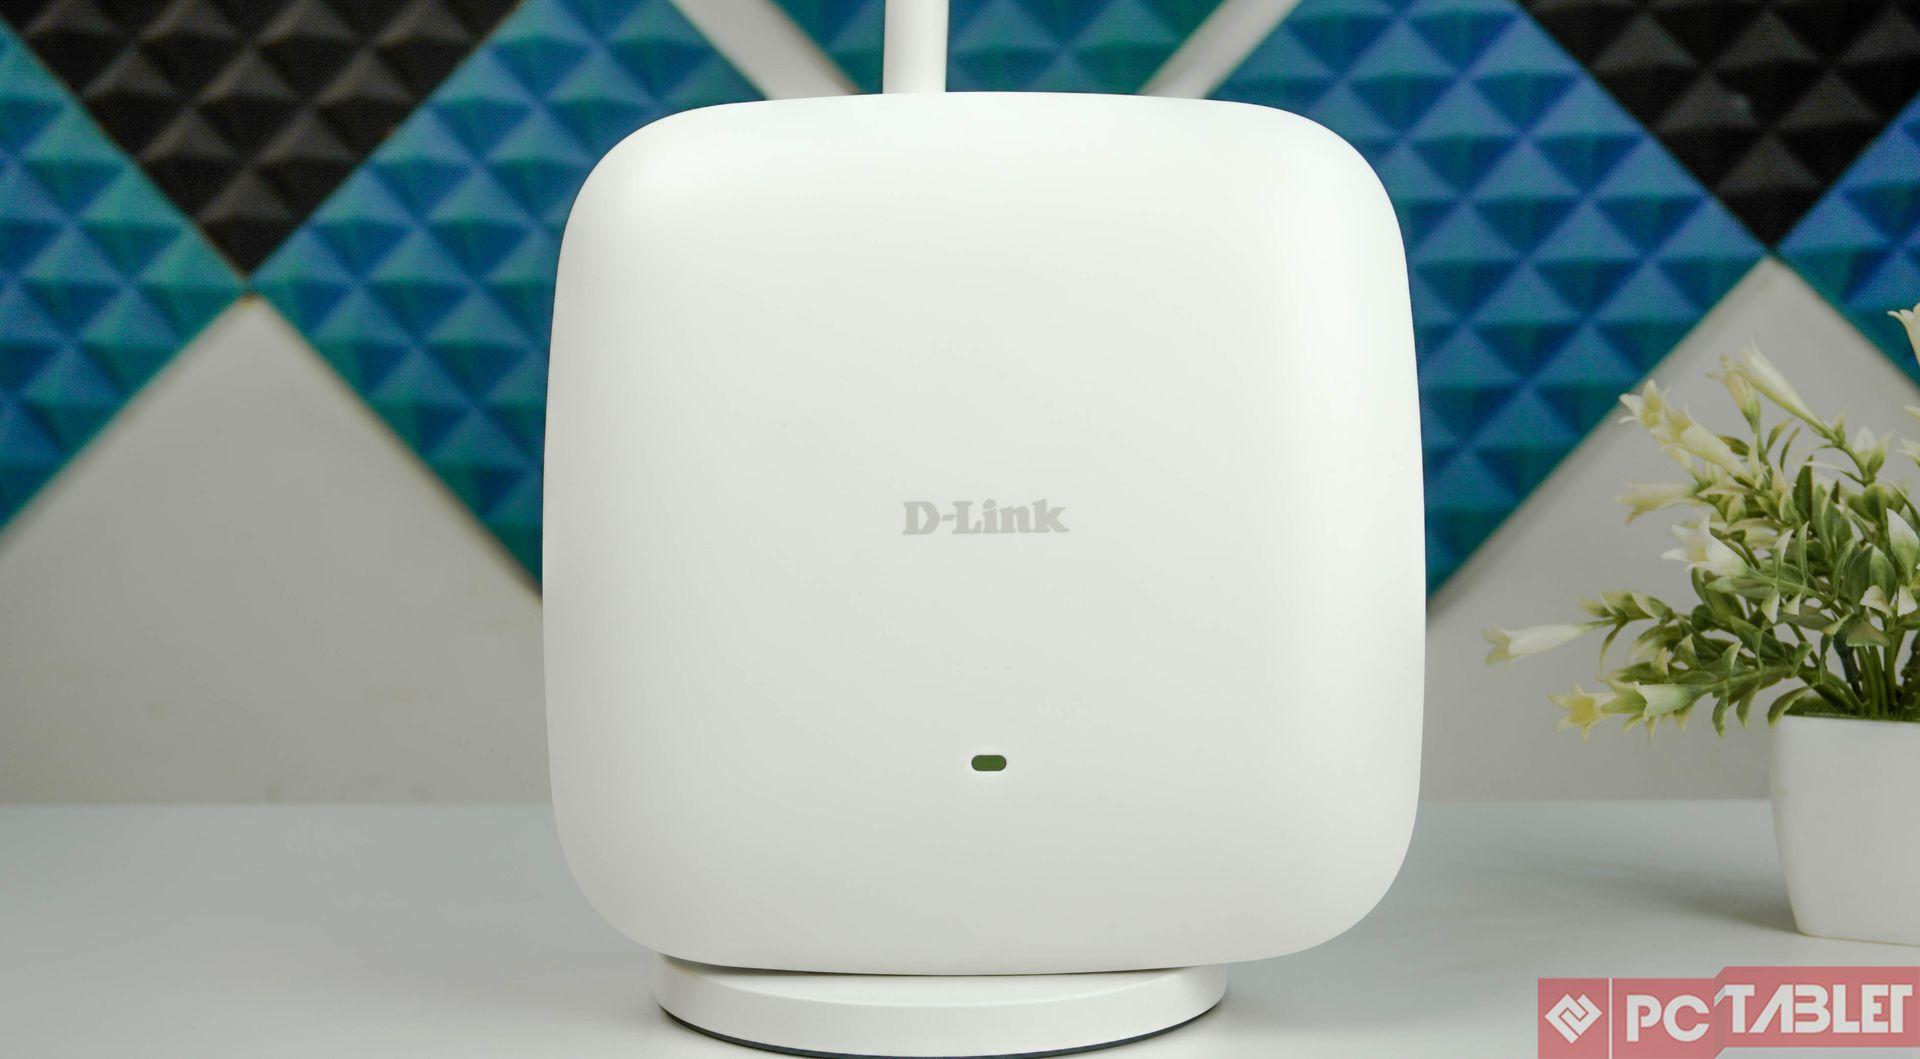 D Link DAP 2680 Dual Band 5